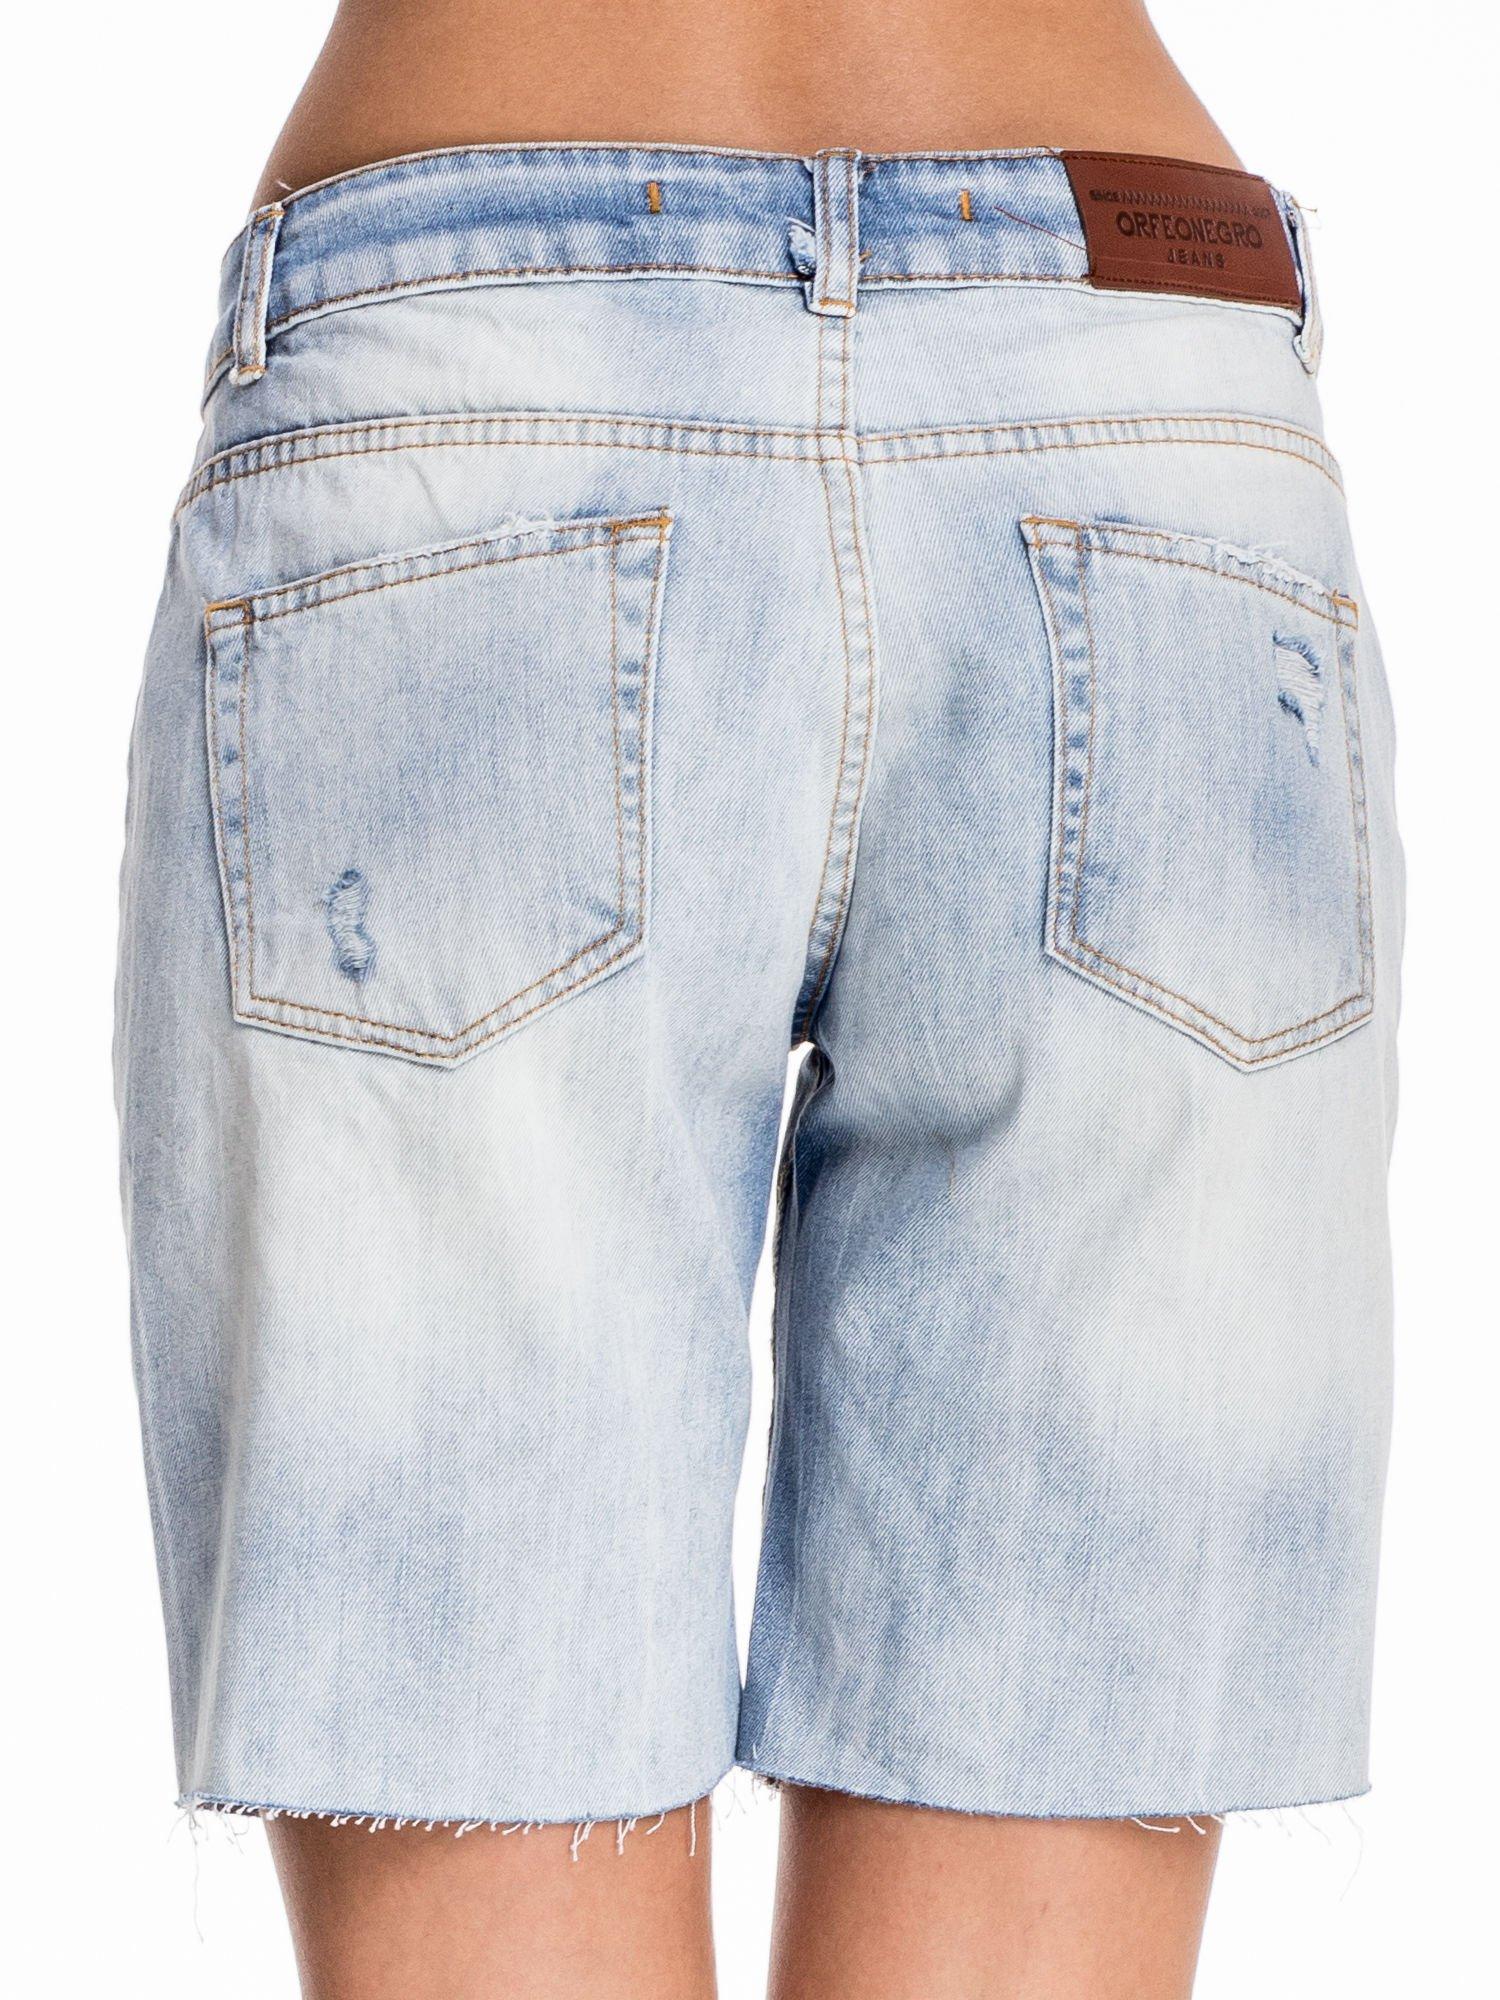 Niebieskie jeansowe szorty a'la bermudy                                  zdj.                                  2